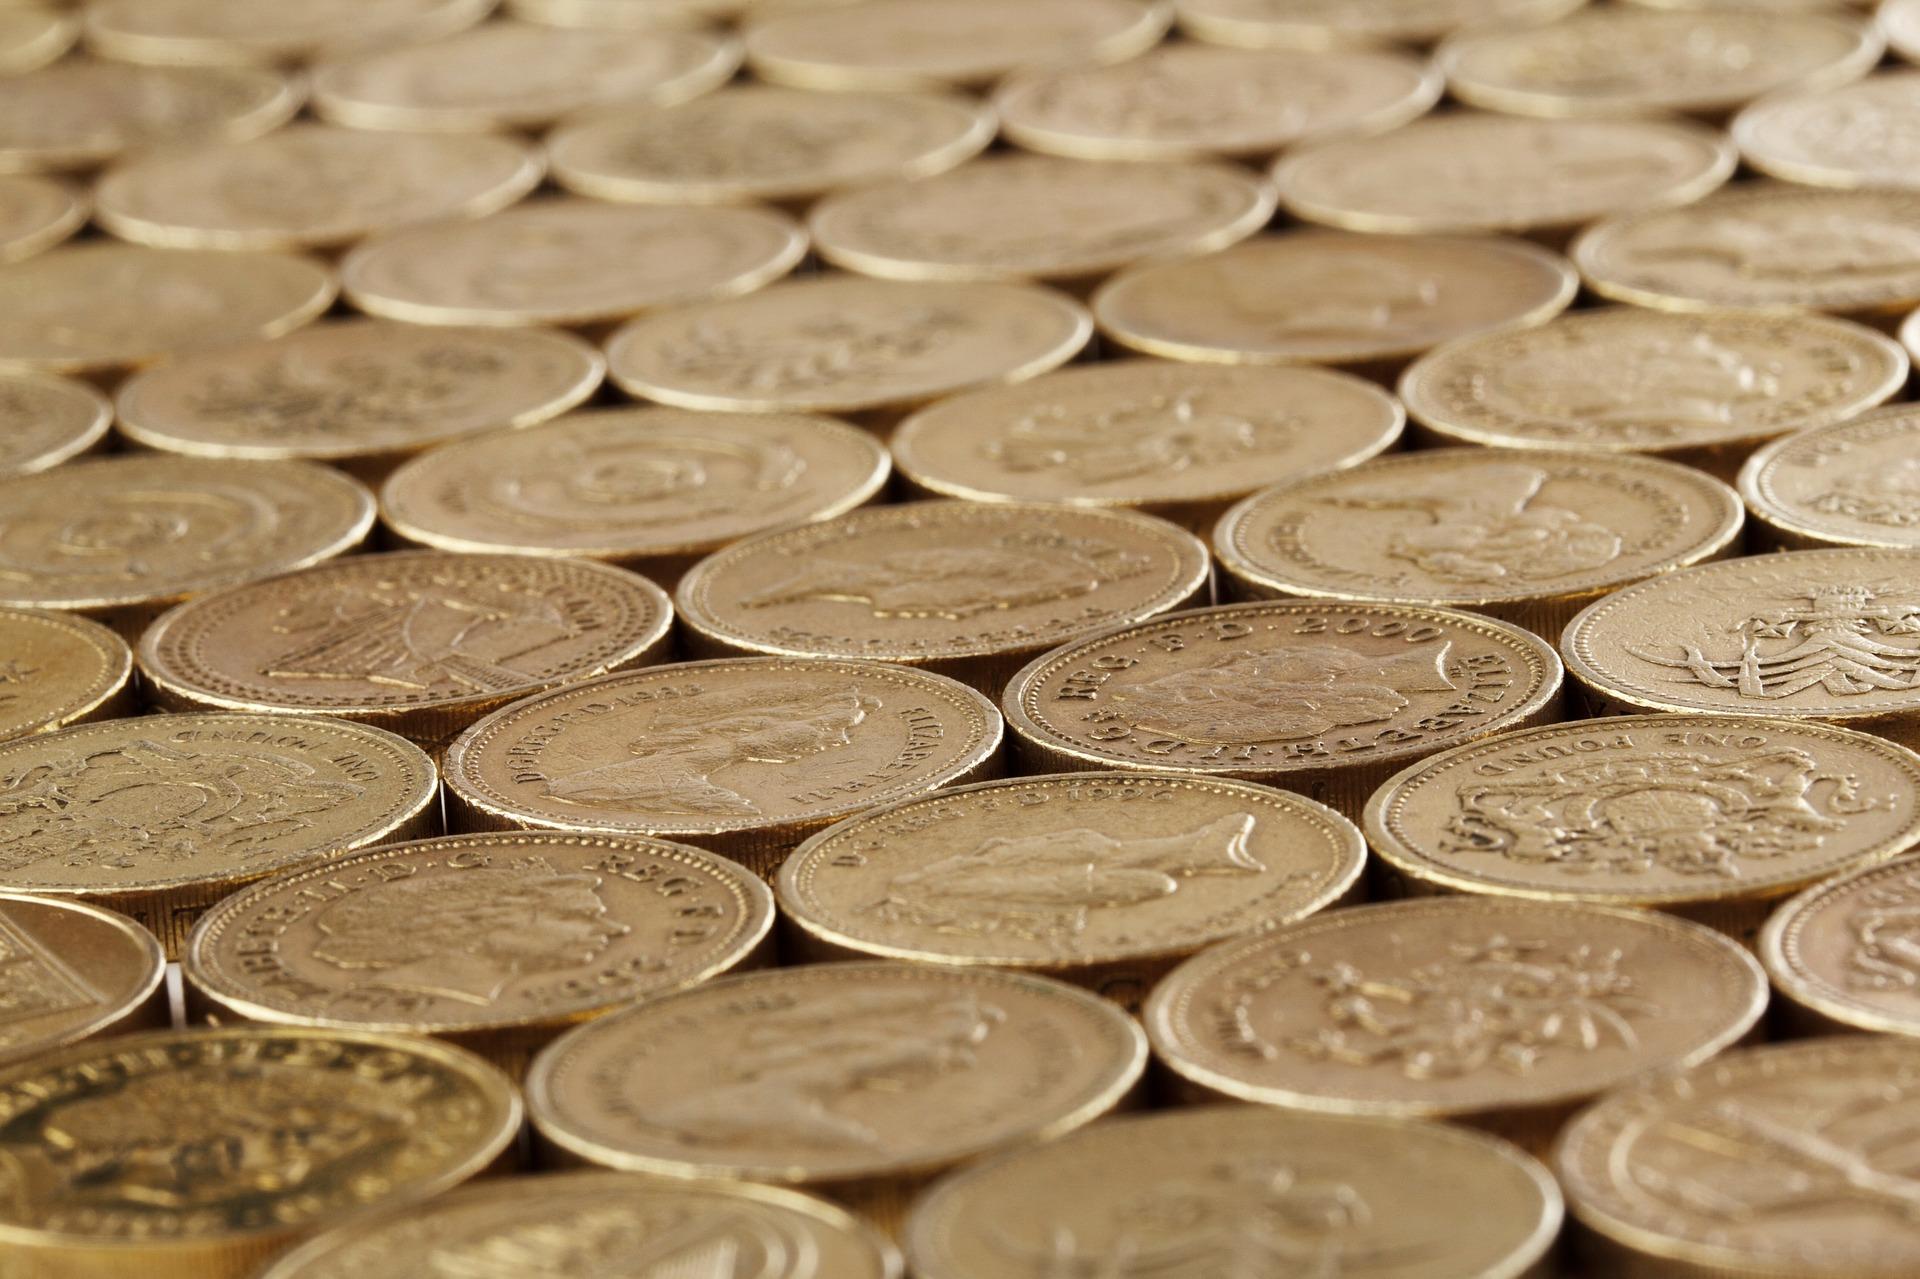 pounds-background-pixabay-21657_1920